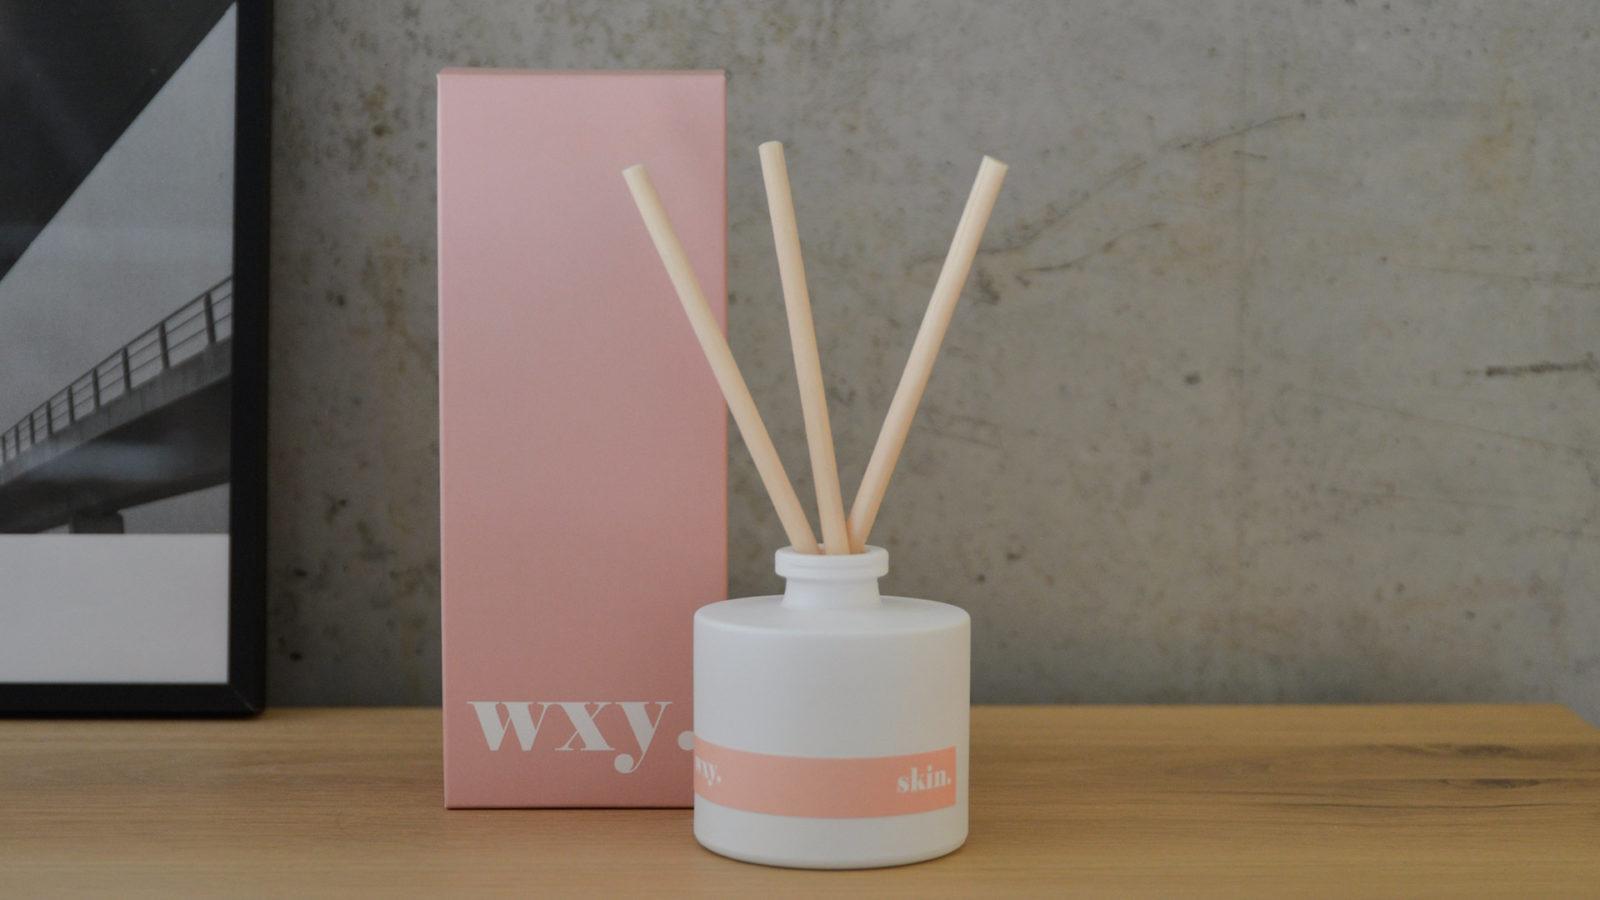 skin-scent-room-diffuser